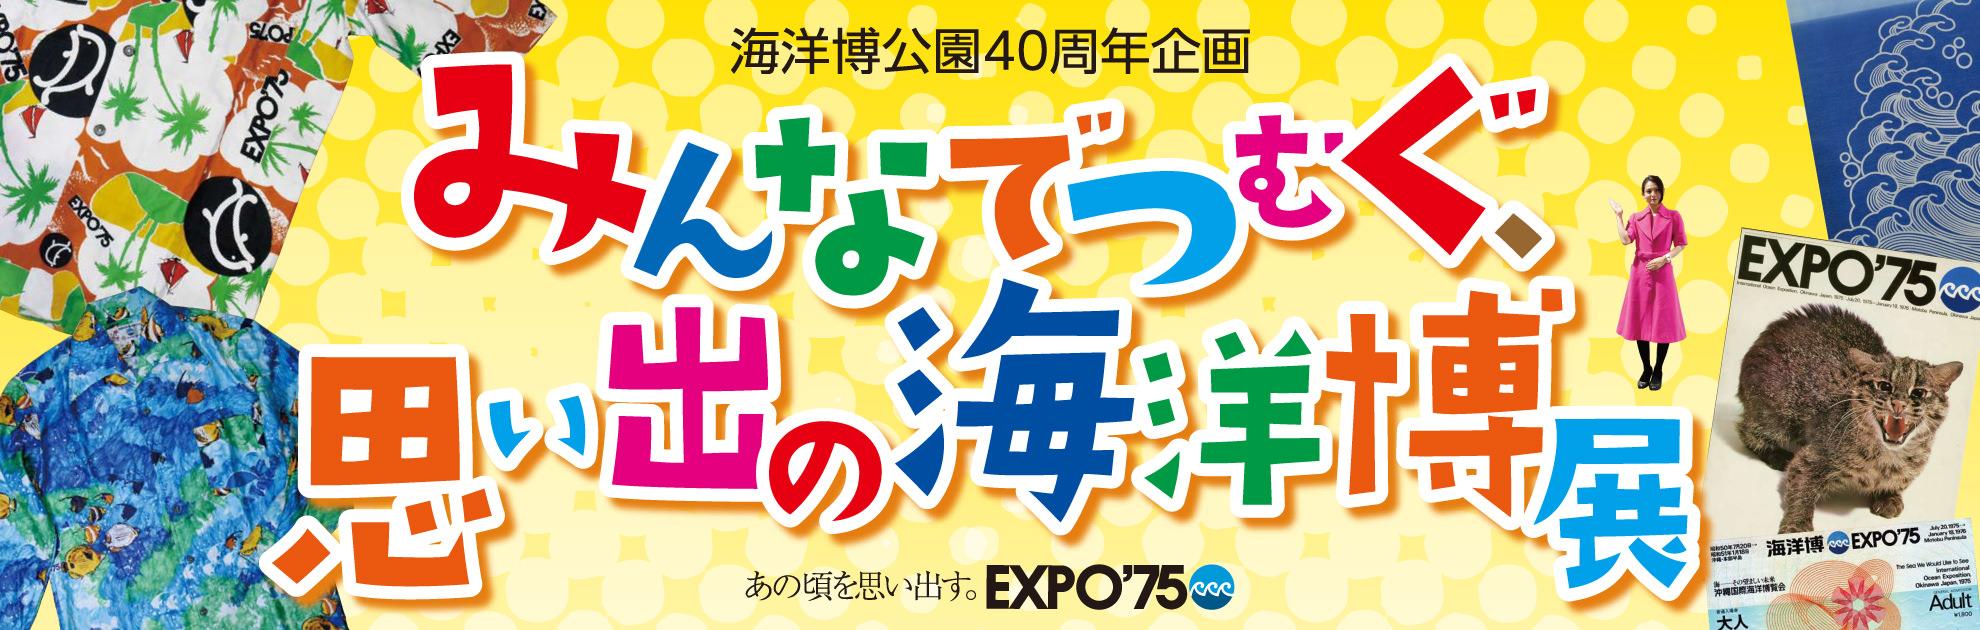 海洋博公園40周年展minnadetsumugu,回憶的海洋博展!